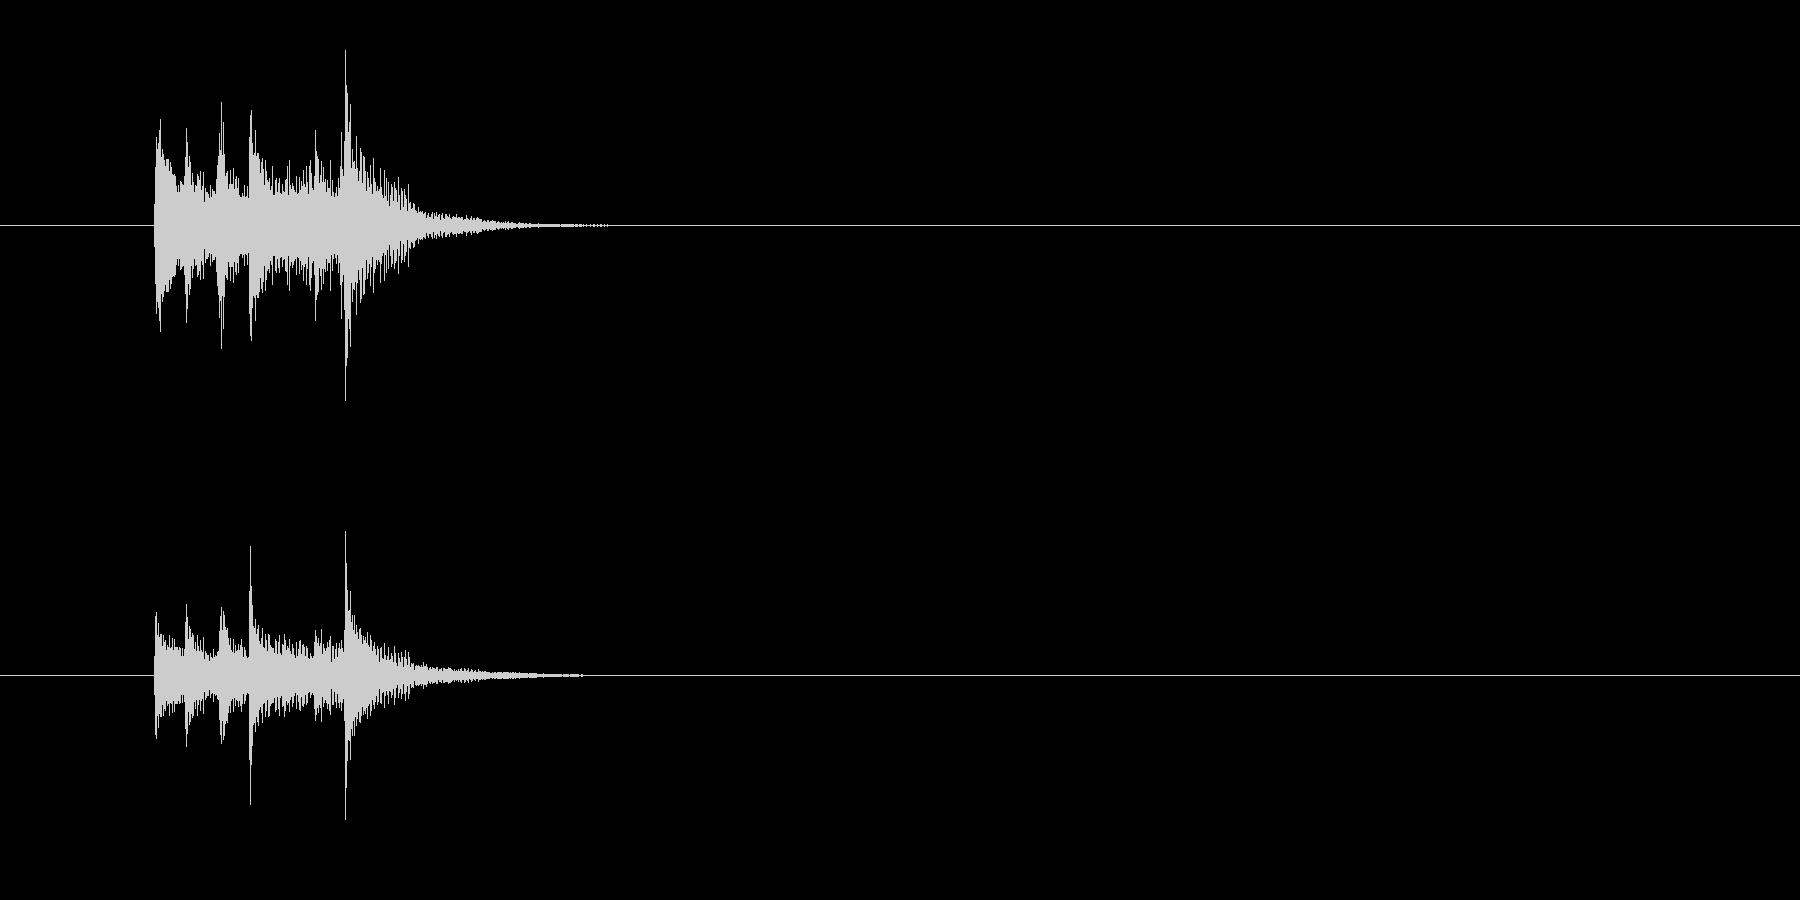 打楽器 木琴 マリンバ シンセサイザー の未再生の波形